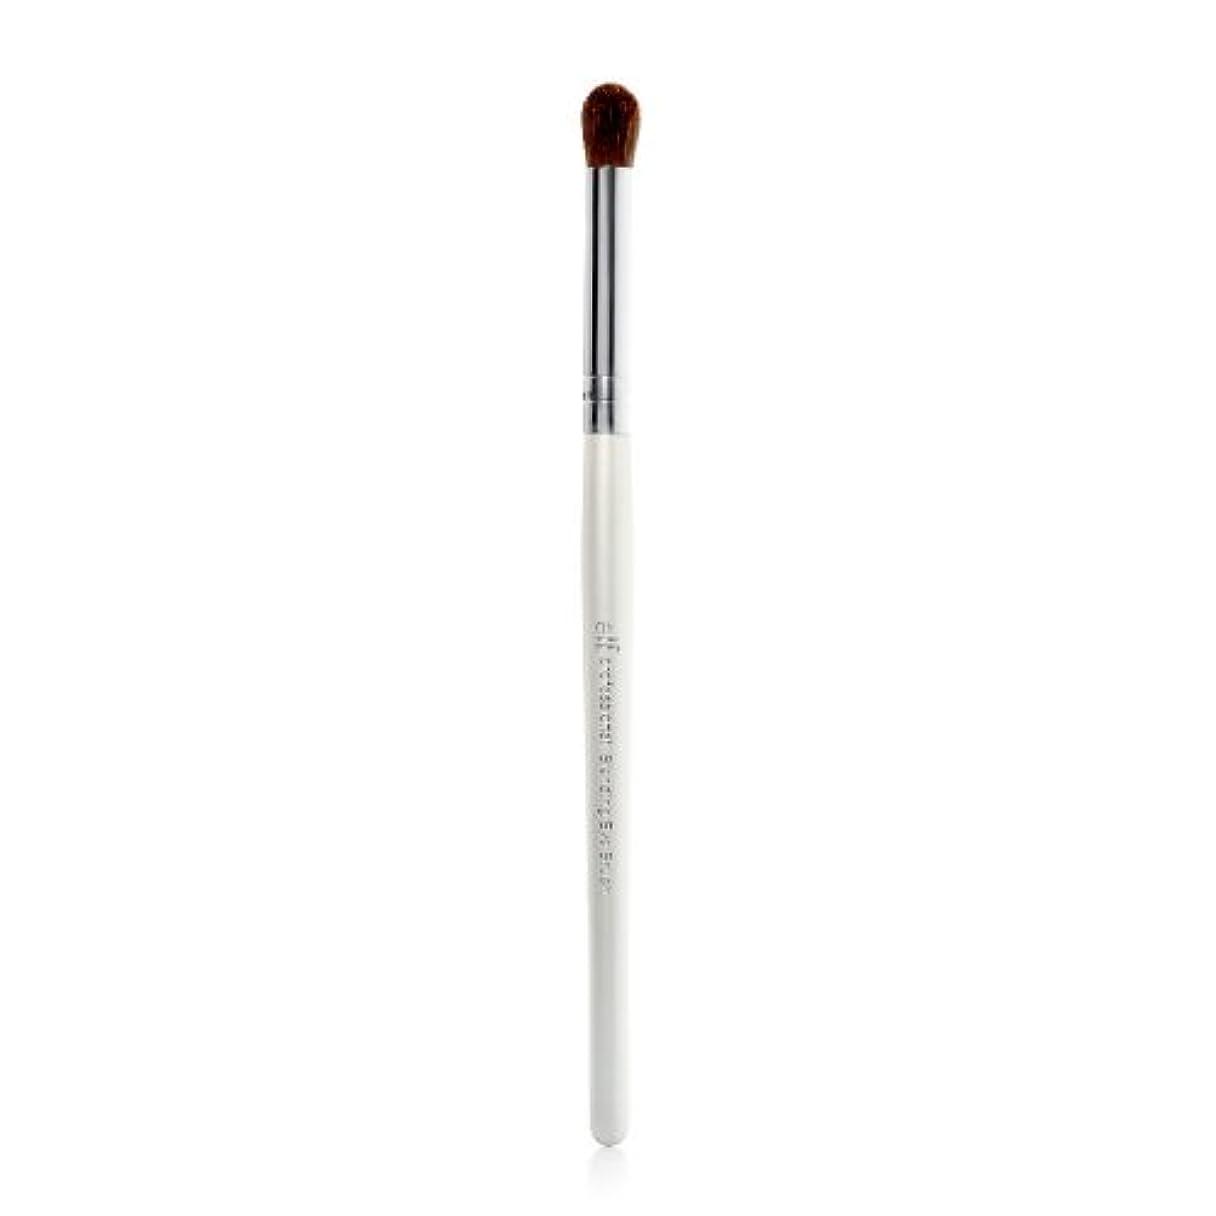 圧縮するシーズンアンケート(3 Pack) e.l.f. Essential Blending Eye Brush - EF1803 (並行輸入品)